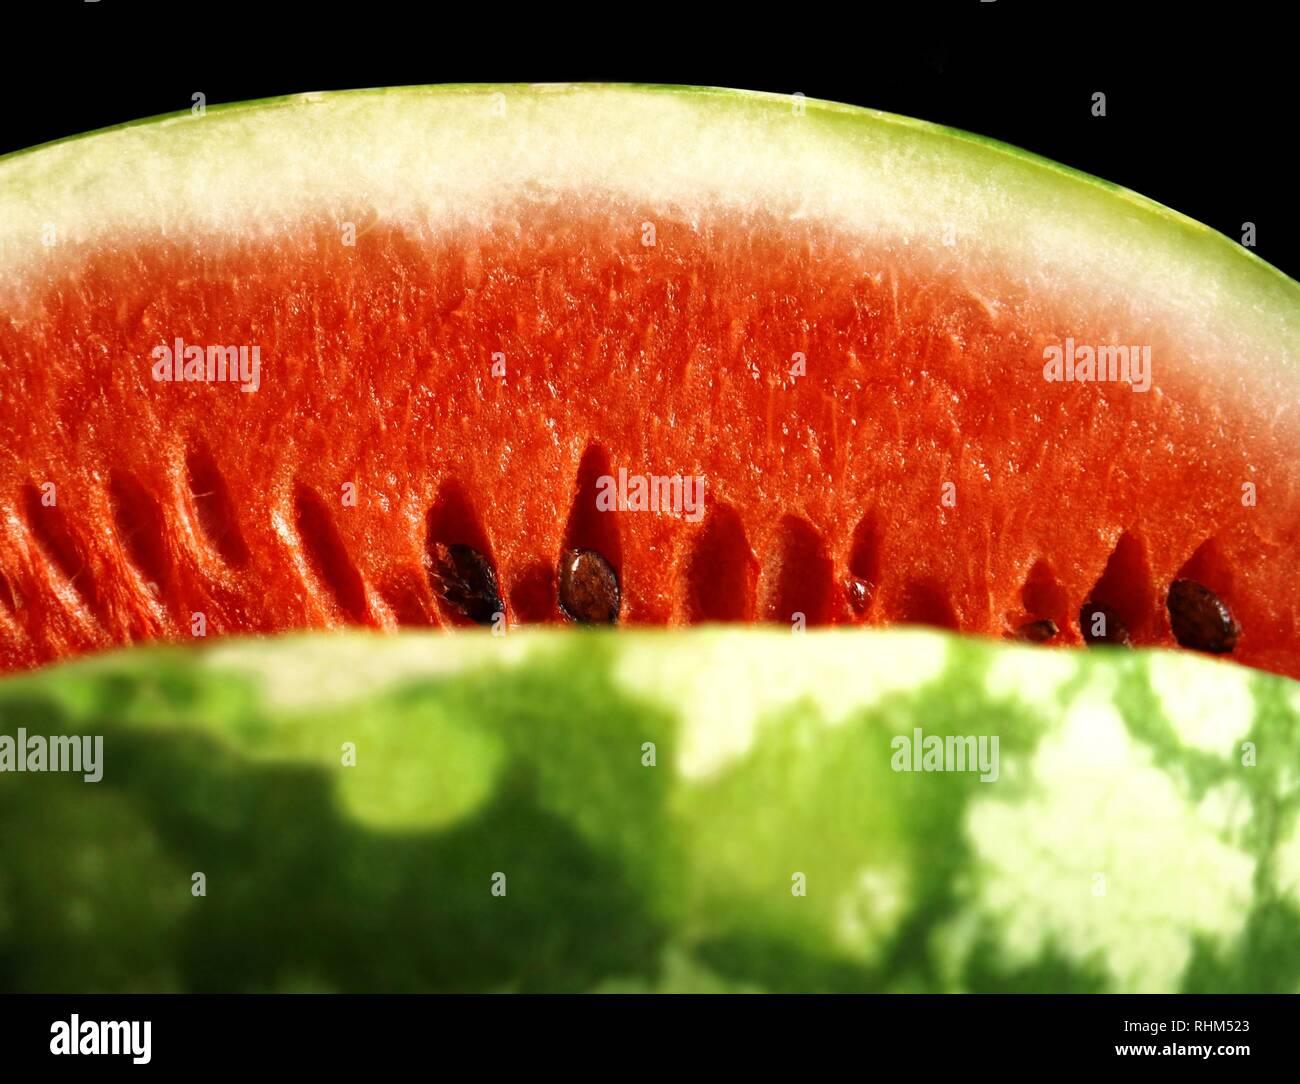 Appetitlich Wassermelone isoliert auf Schwarz Stockfoto